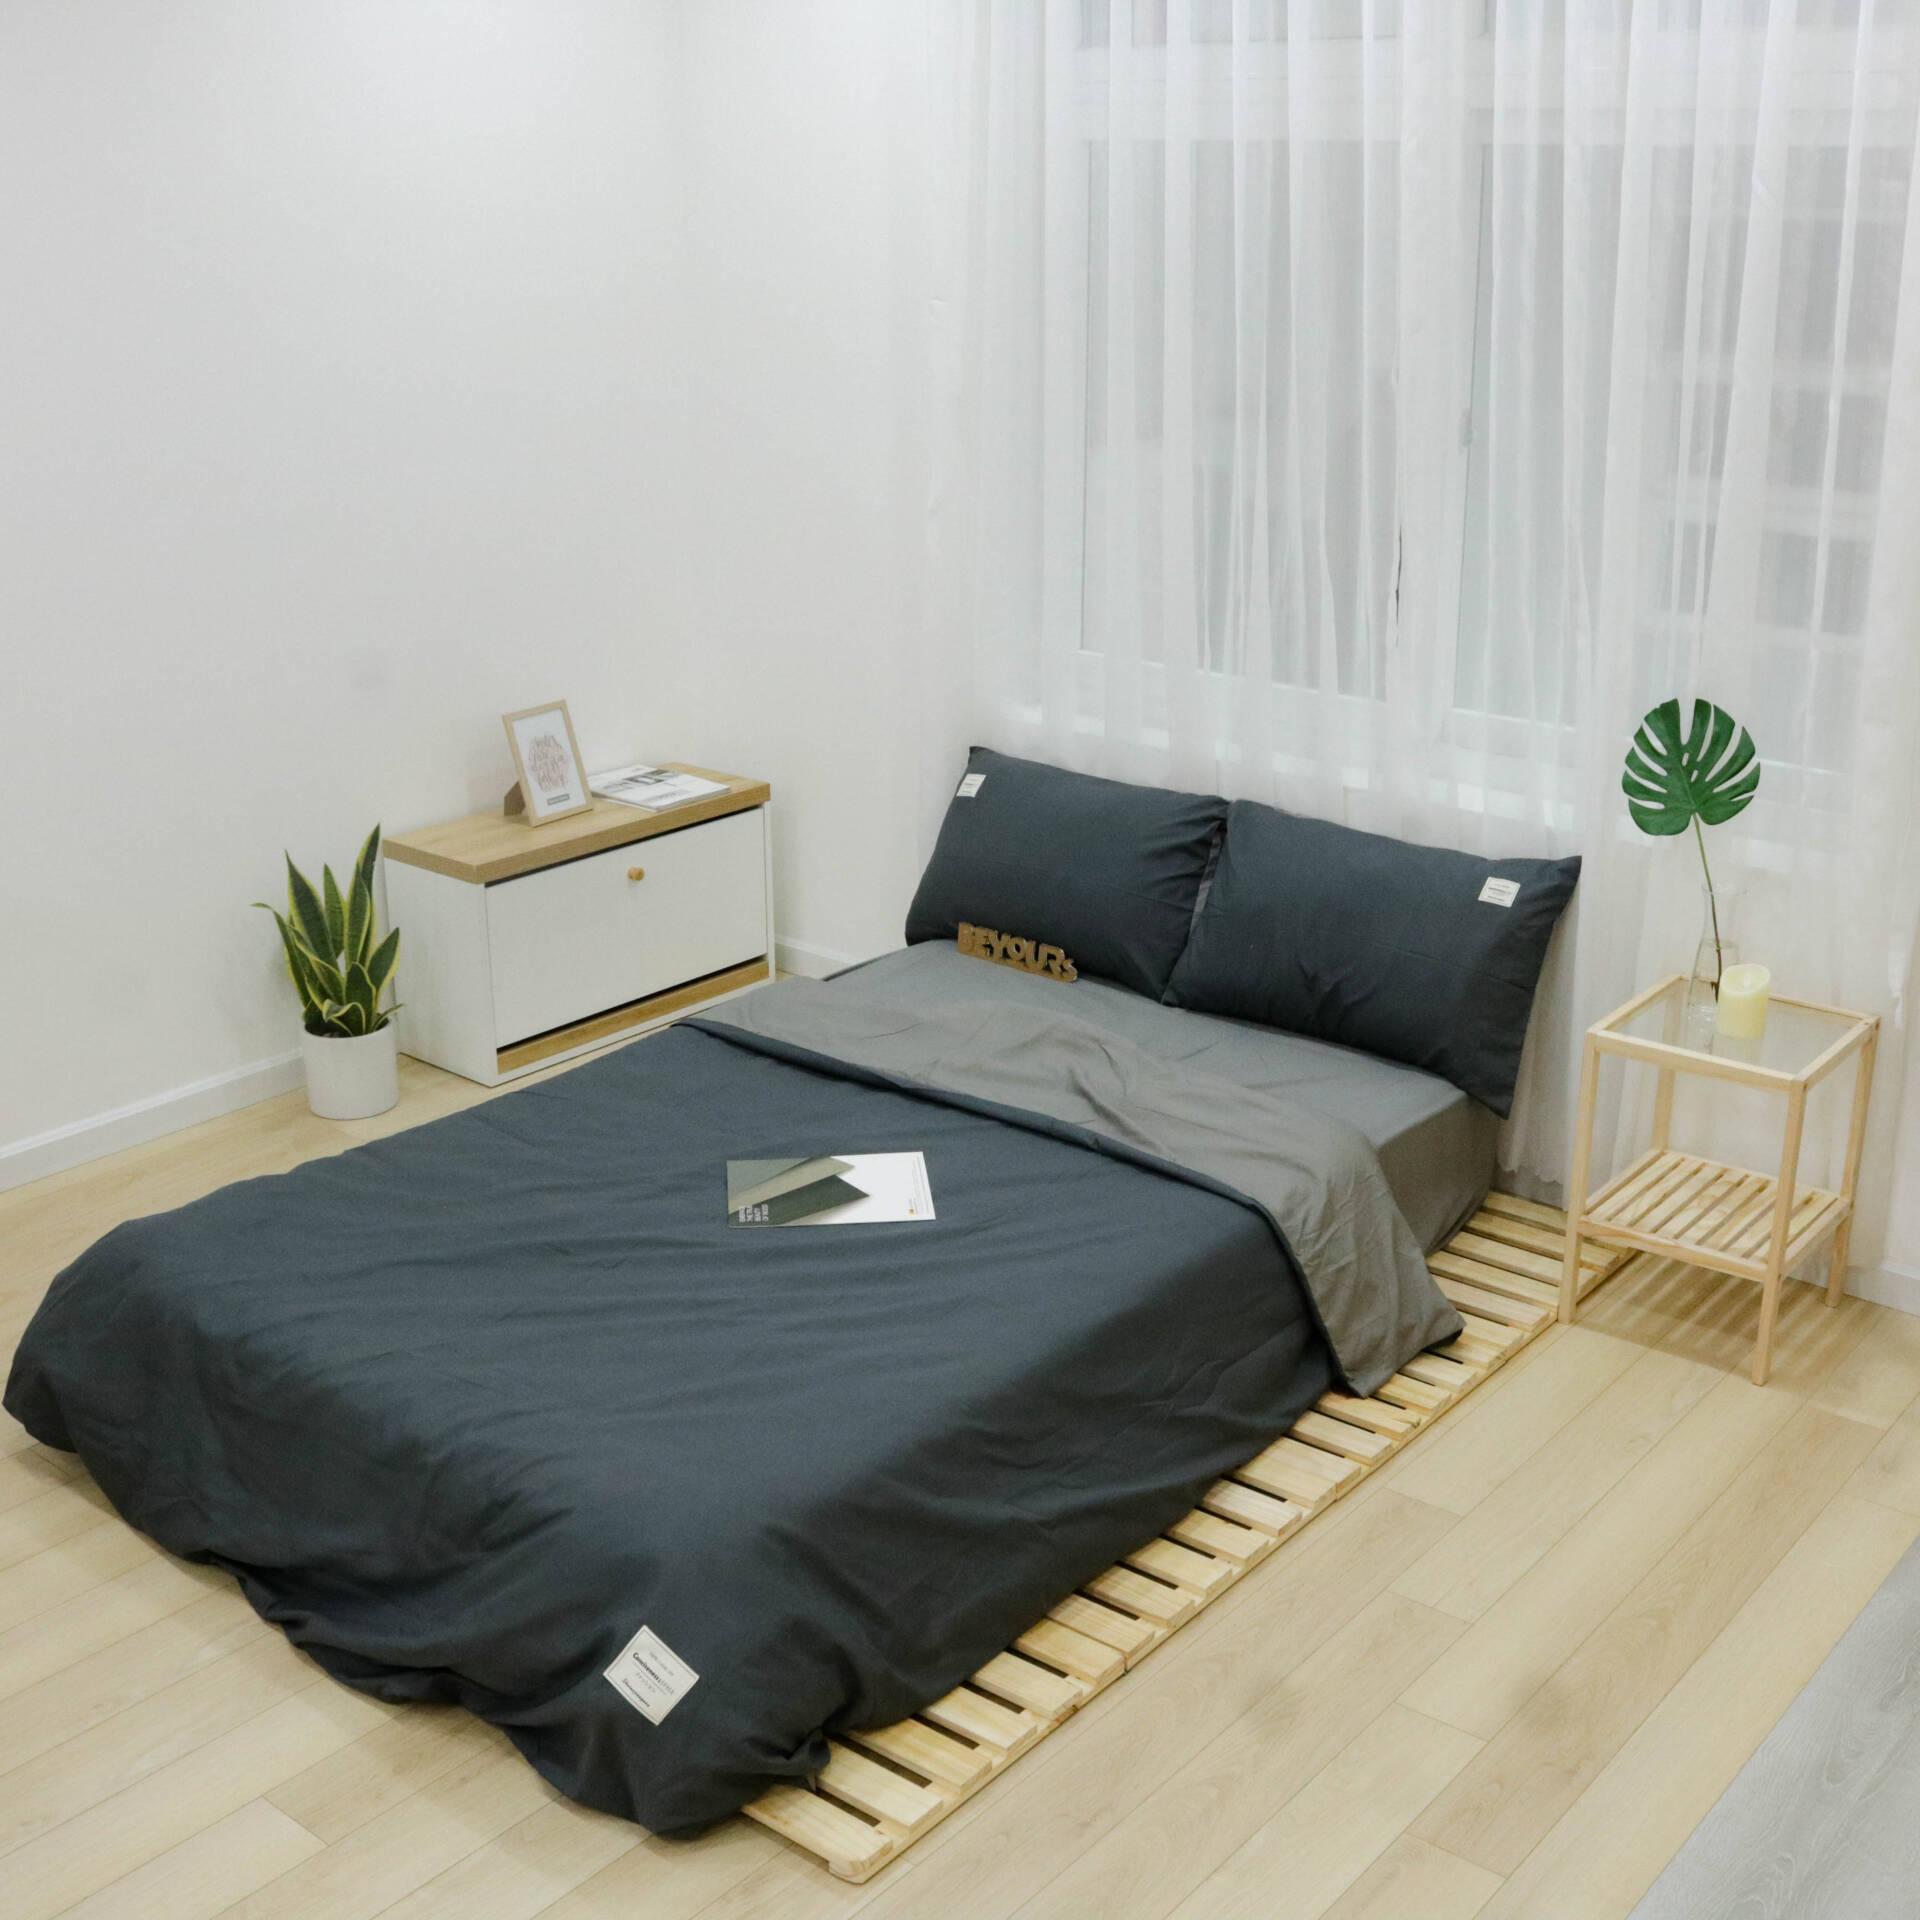 Điểm đầu tiên khiến người dùng lựa chọn nội thất lắp ráp là tính linh hoạt, nhỏ gọn, dễ dàng di chuyển